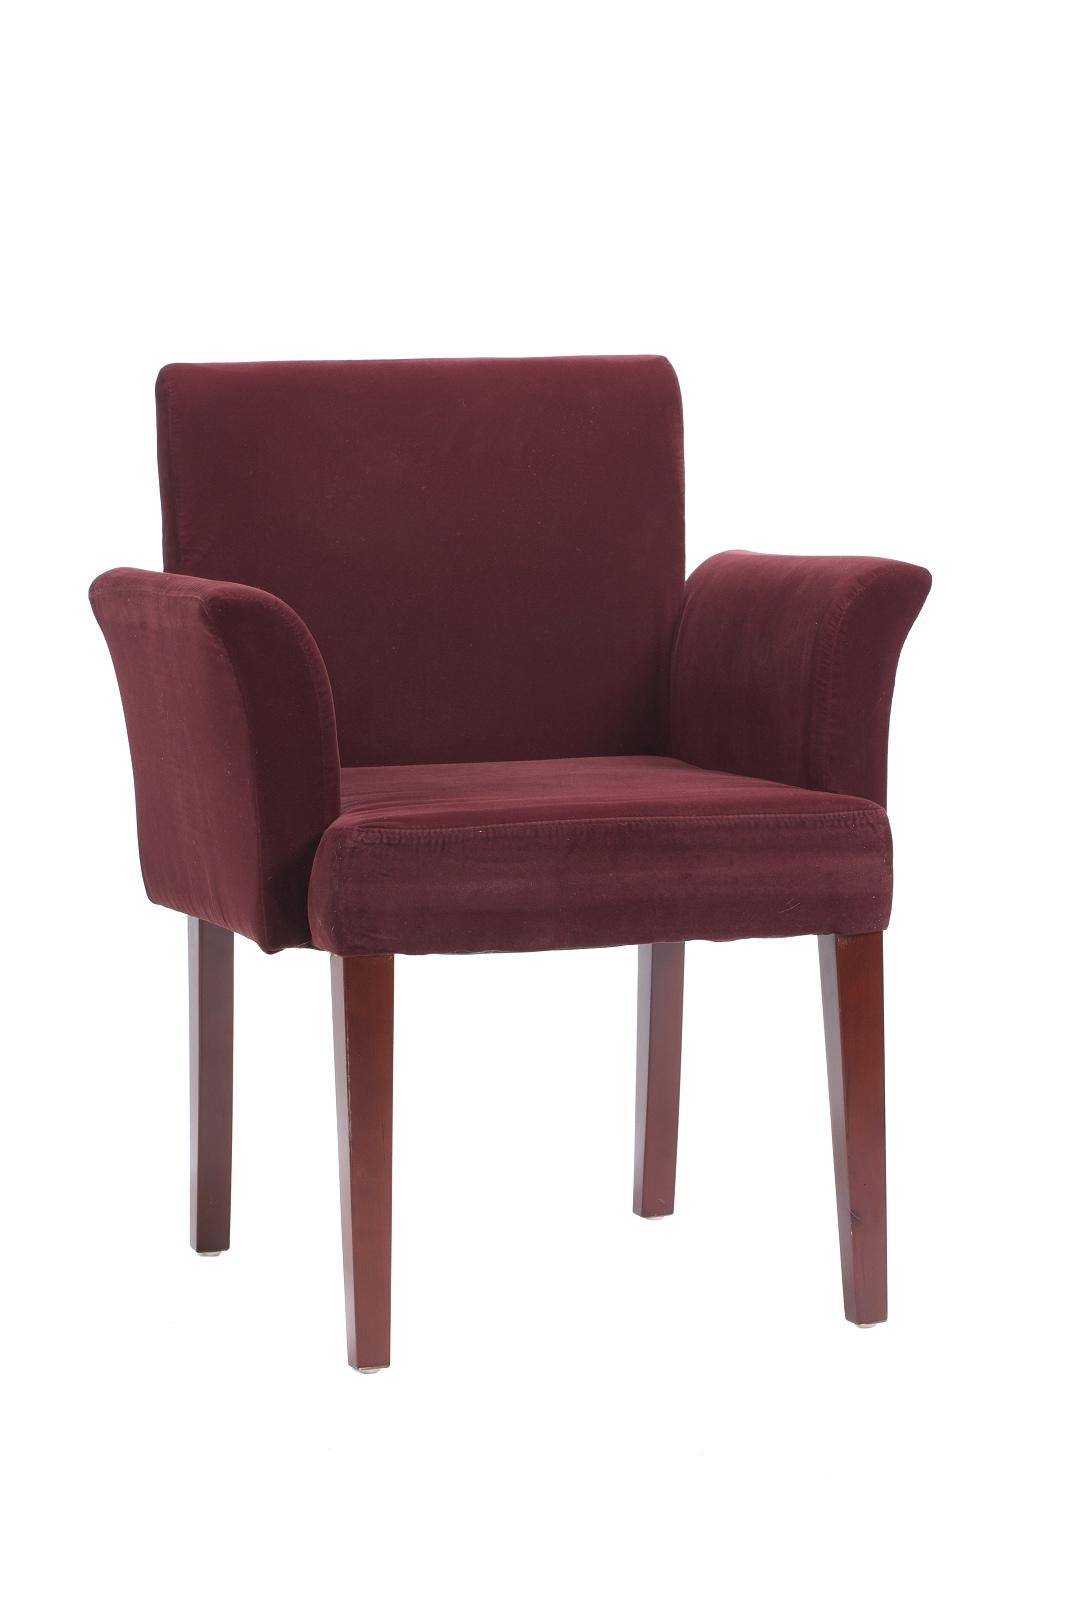 Кресло Jonathan Бордовый Велюр DG-HOMEКресла<br>. Бренд - DG-HOME. ширина/диаметр - 650. материал - Велюр, дерево.<br><br>популярные производители: DG-HOME<br>ширина/диаметр: 650<br>материал: Велюр, дерево